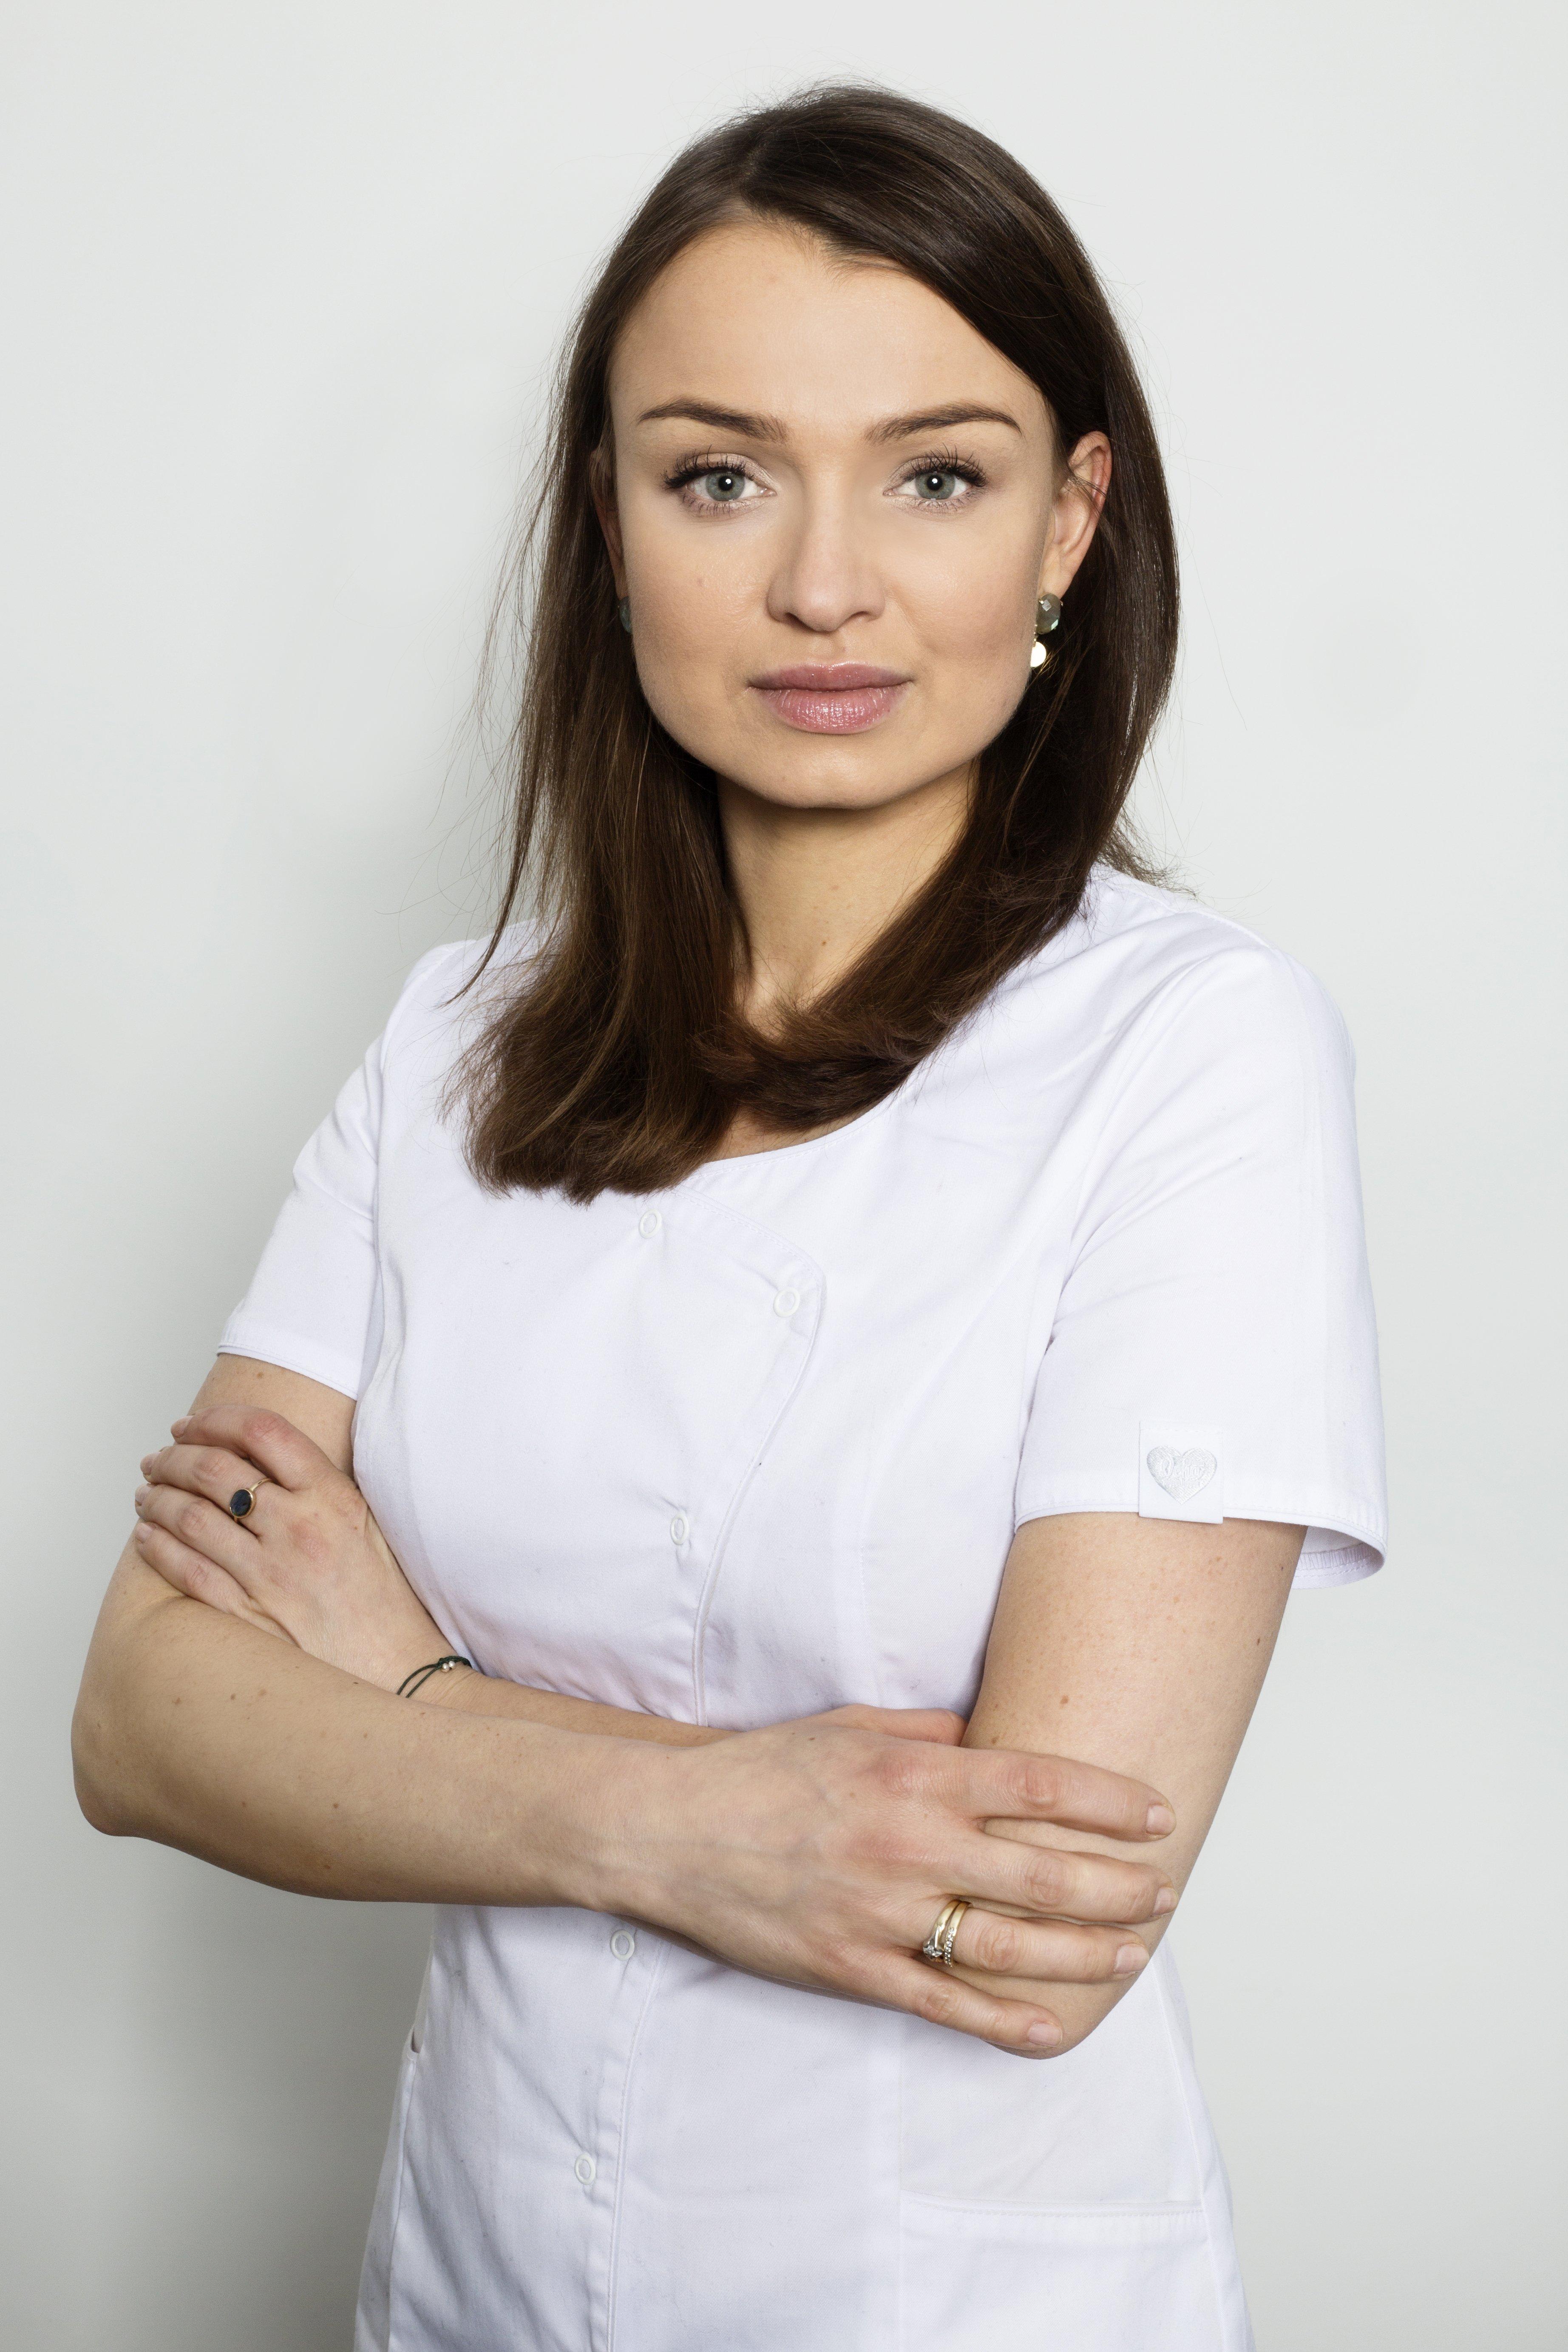 lek. med. Agnieszka Walczak – Cieślikowska